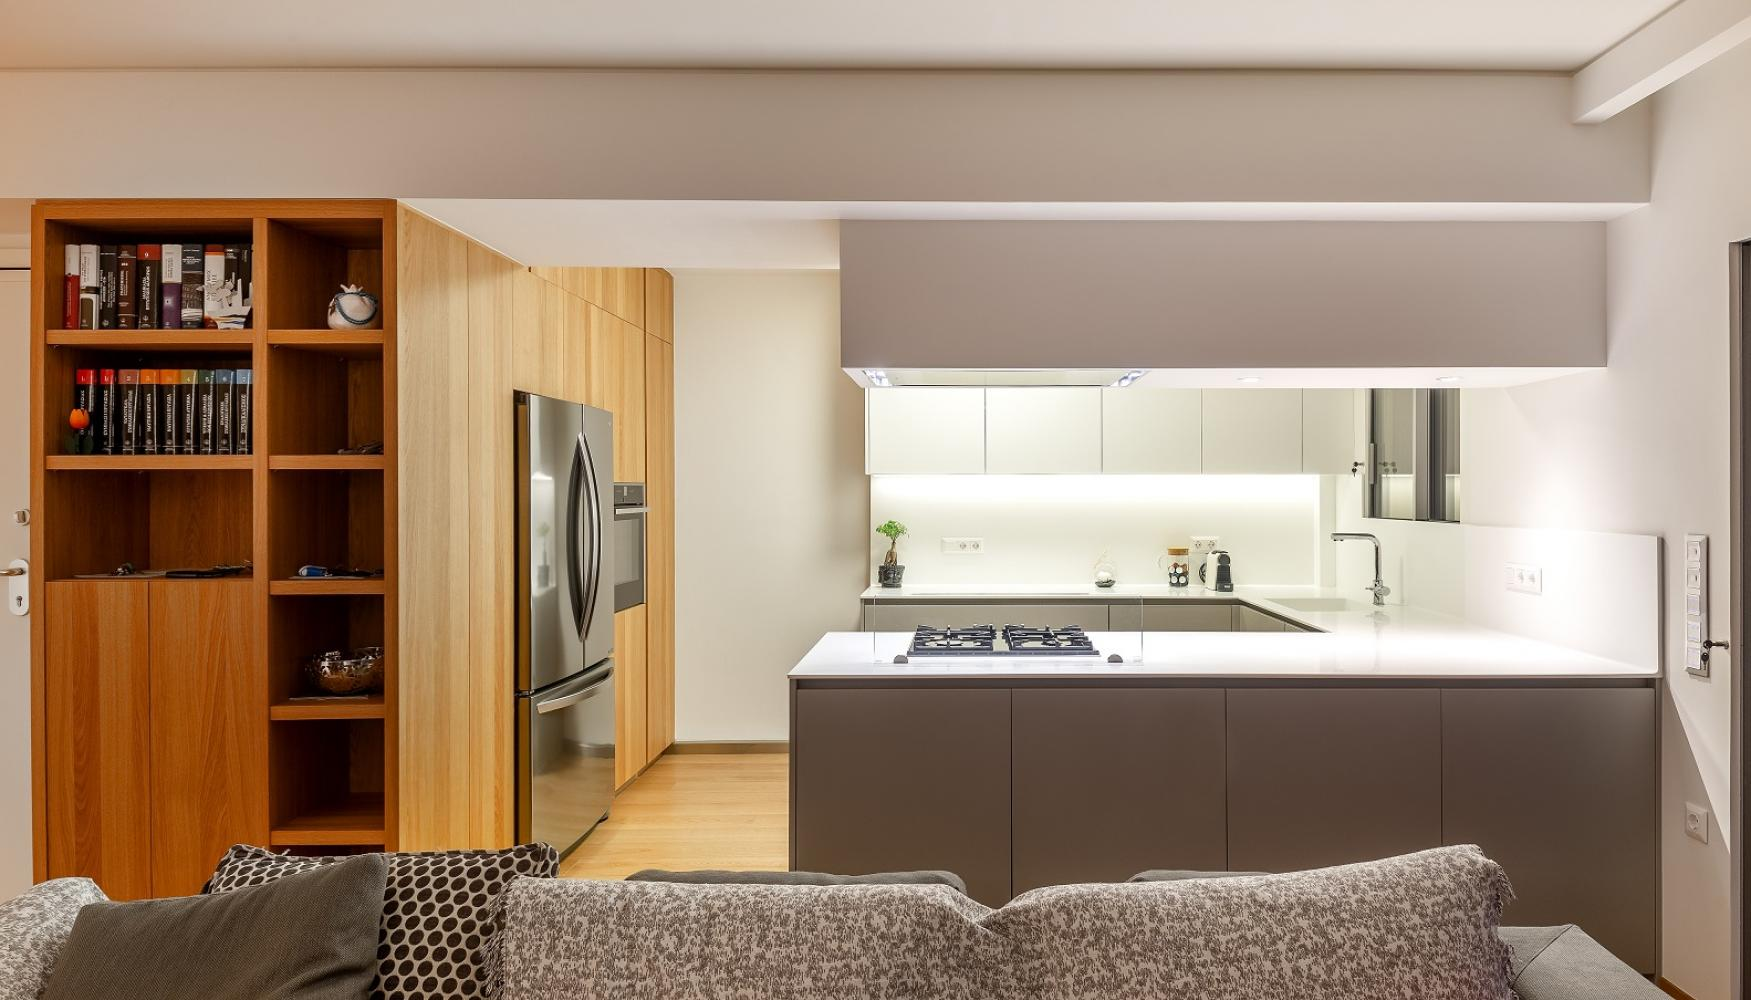 Ιδιωτική Κατοικία Άλιμος - Image 3